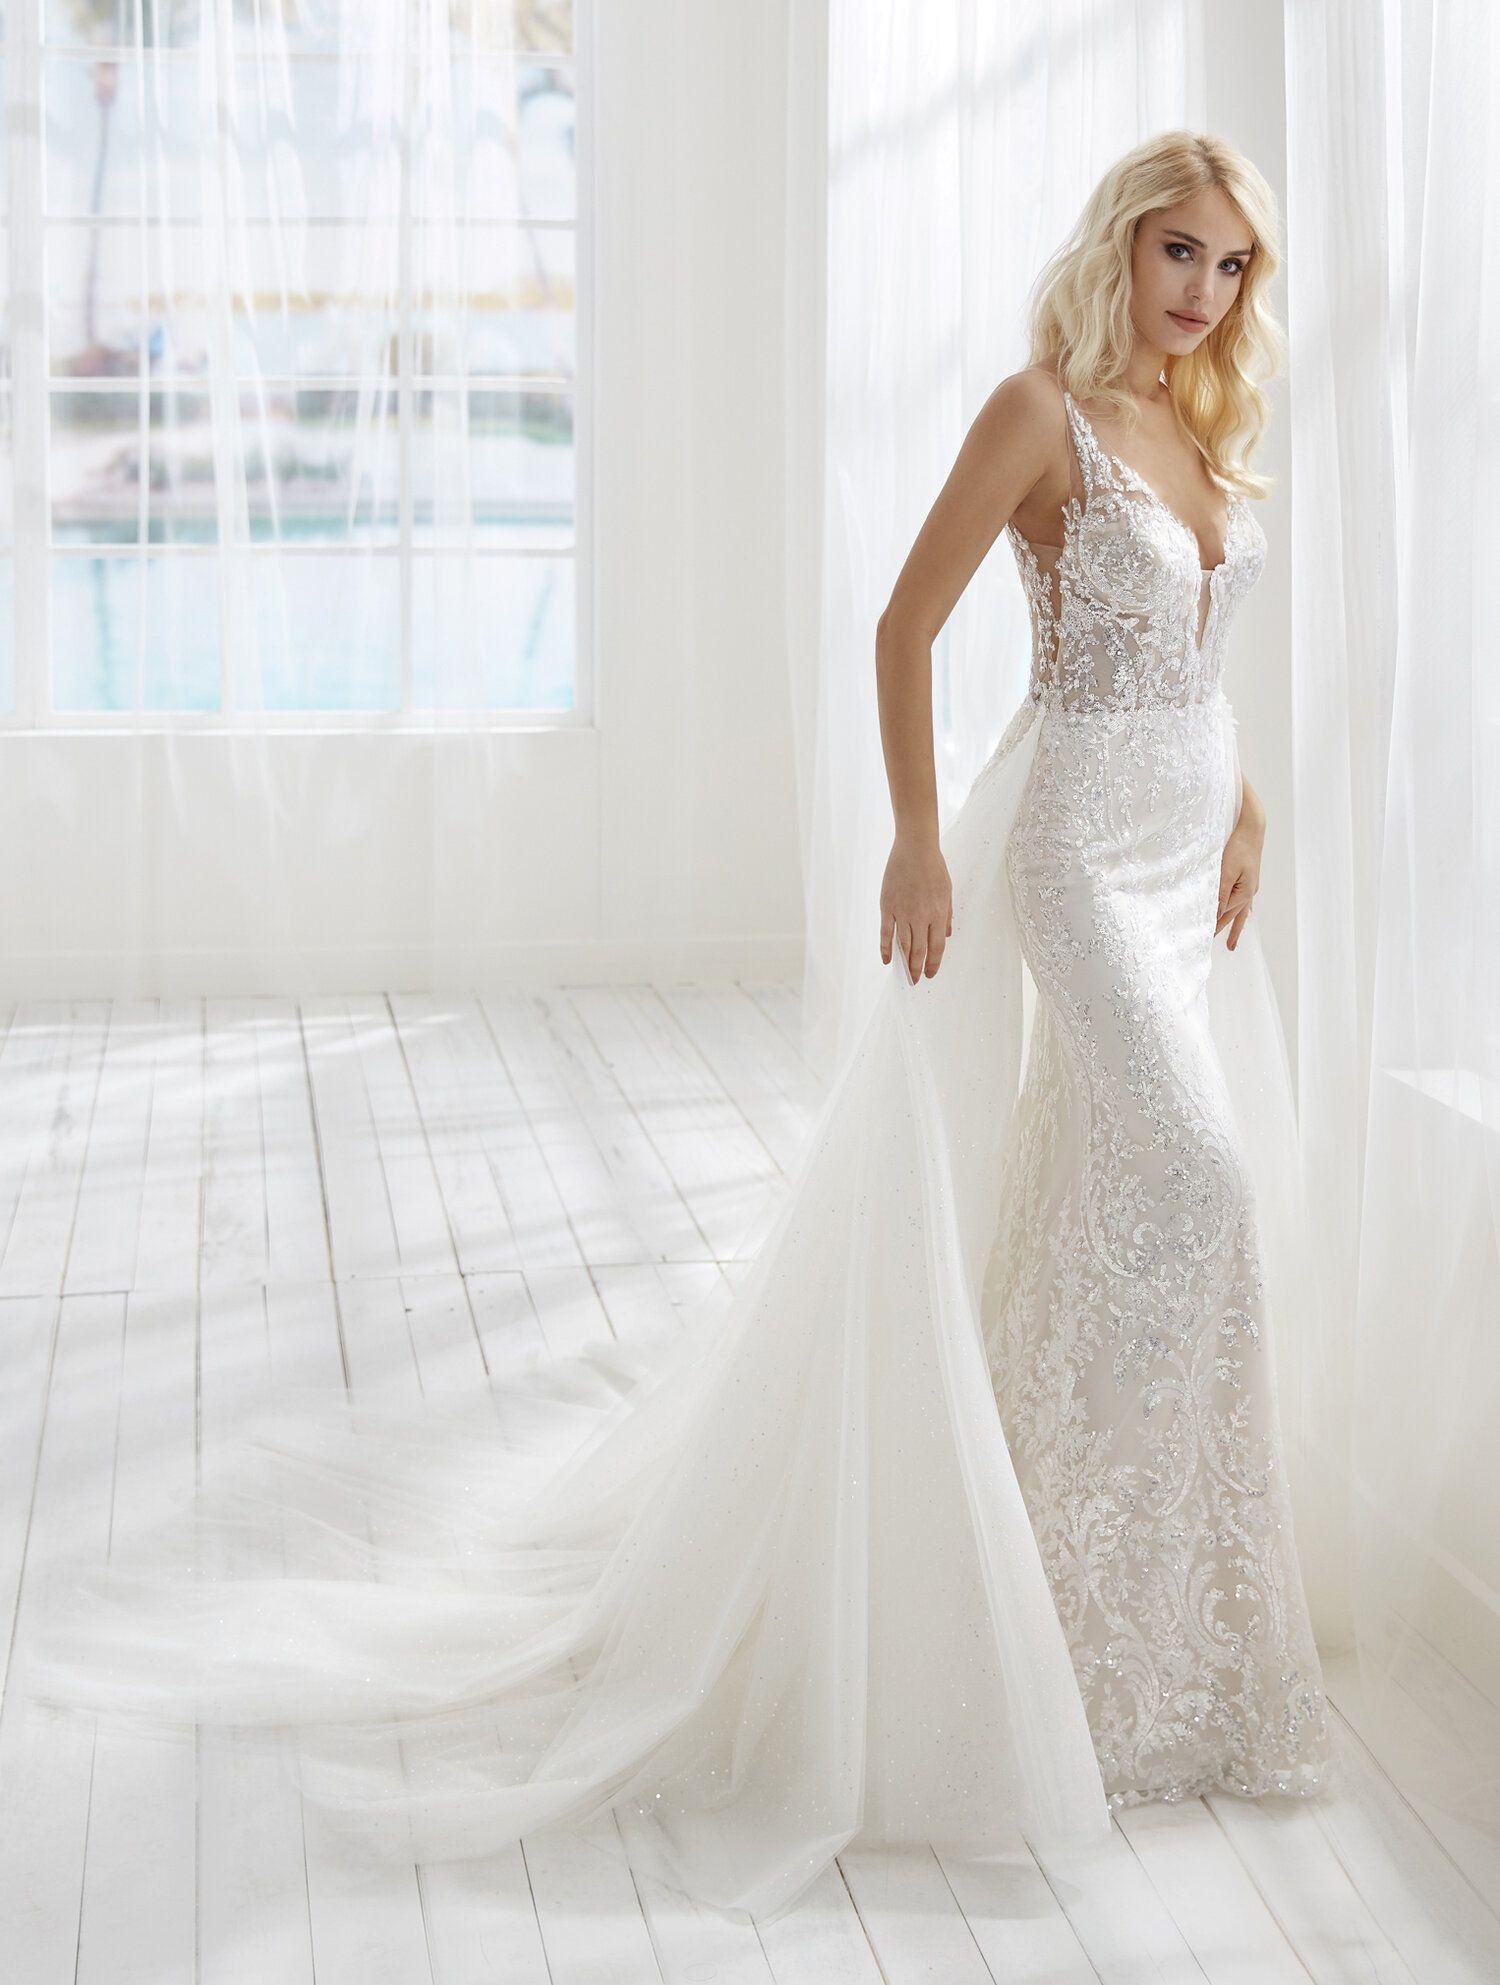 Bristol Randy Fenoli Bridal In 2020 Wedding Dress Bristol Goddess Wedding Dress Randy Fenoli Dresses